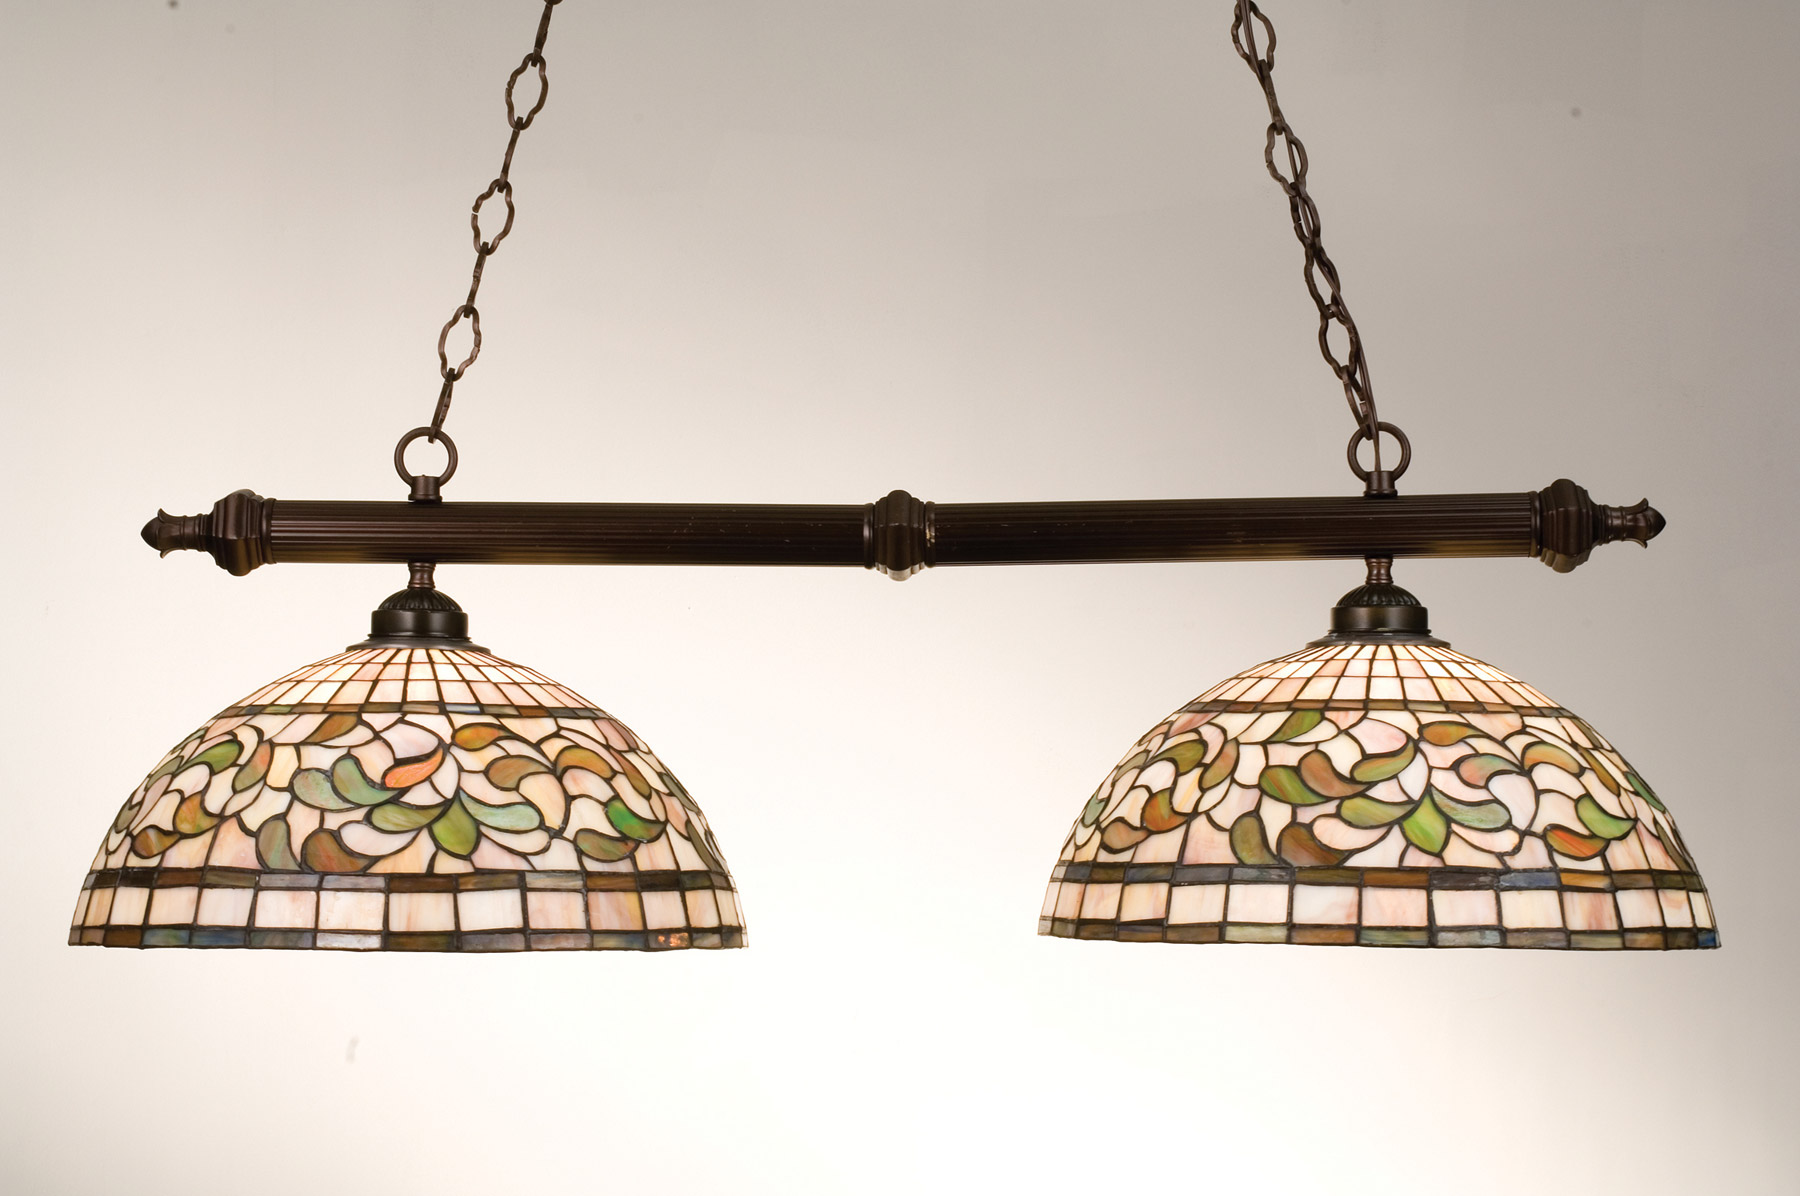 Meyda 18842 Tiffany Turning Leaf Island Light